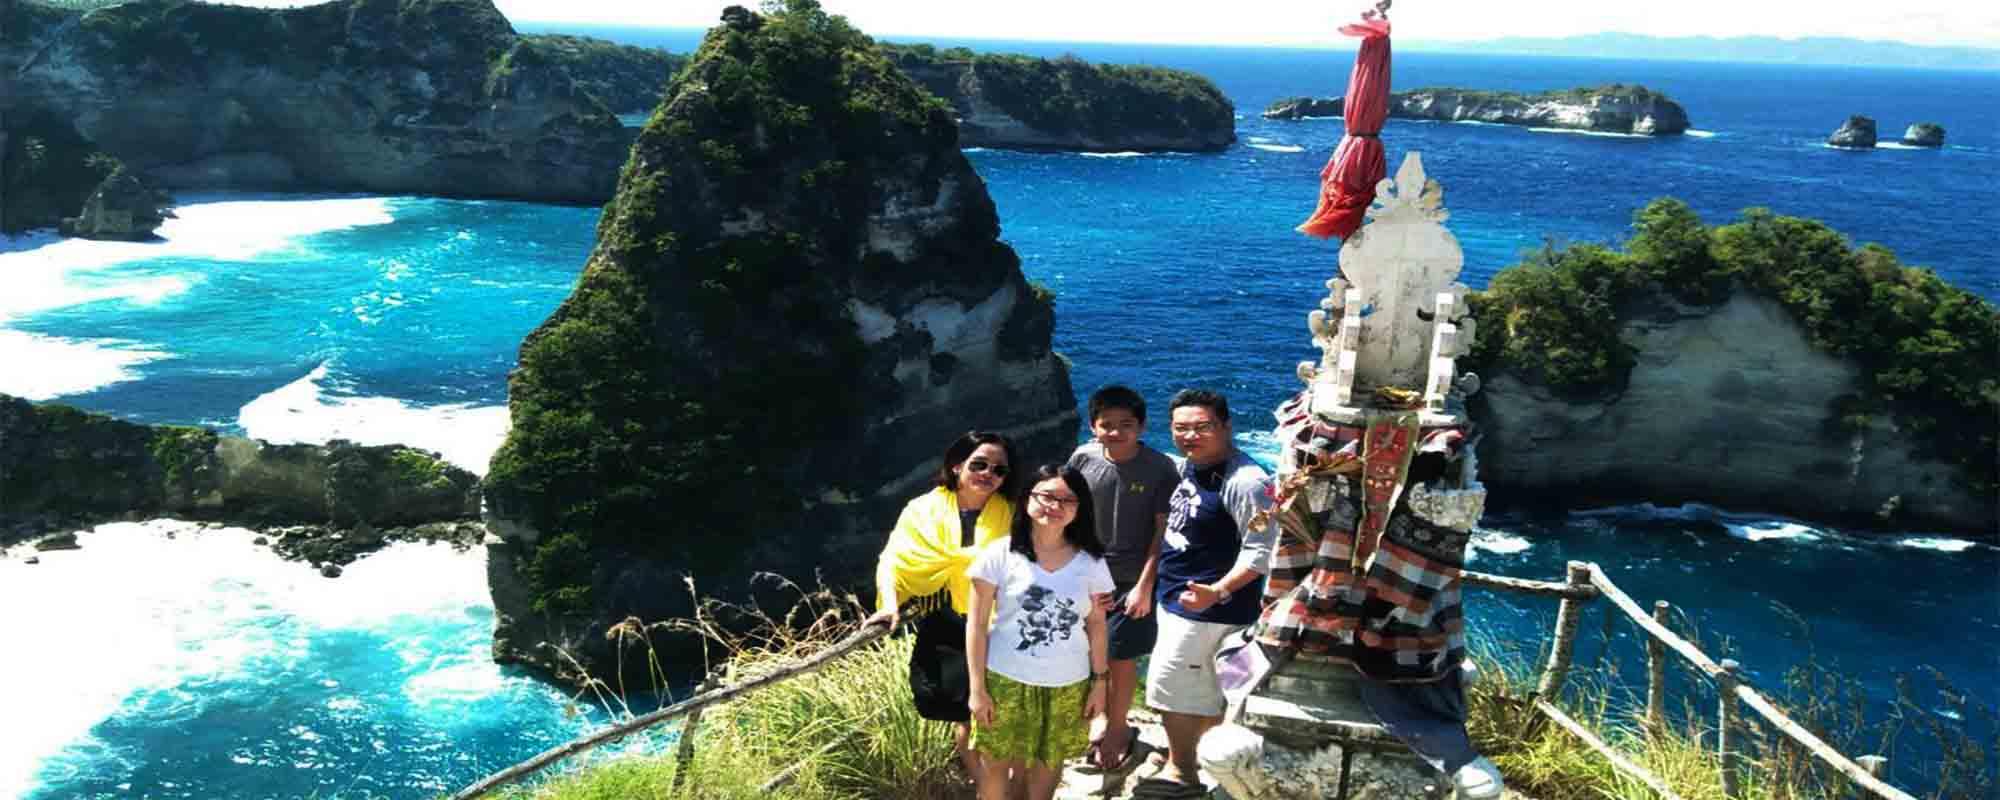 Daftar Harga Pulau Putri 2d1n Update 2018 One Day Trip Sky Cave Via Ferrata Gn Parang 900mdpl Paket Tour Murah Nusa Penida Dapatkan Special Kami Seribu Happy With